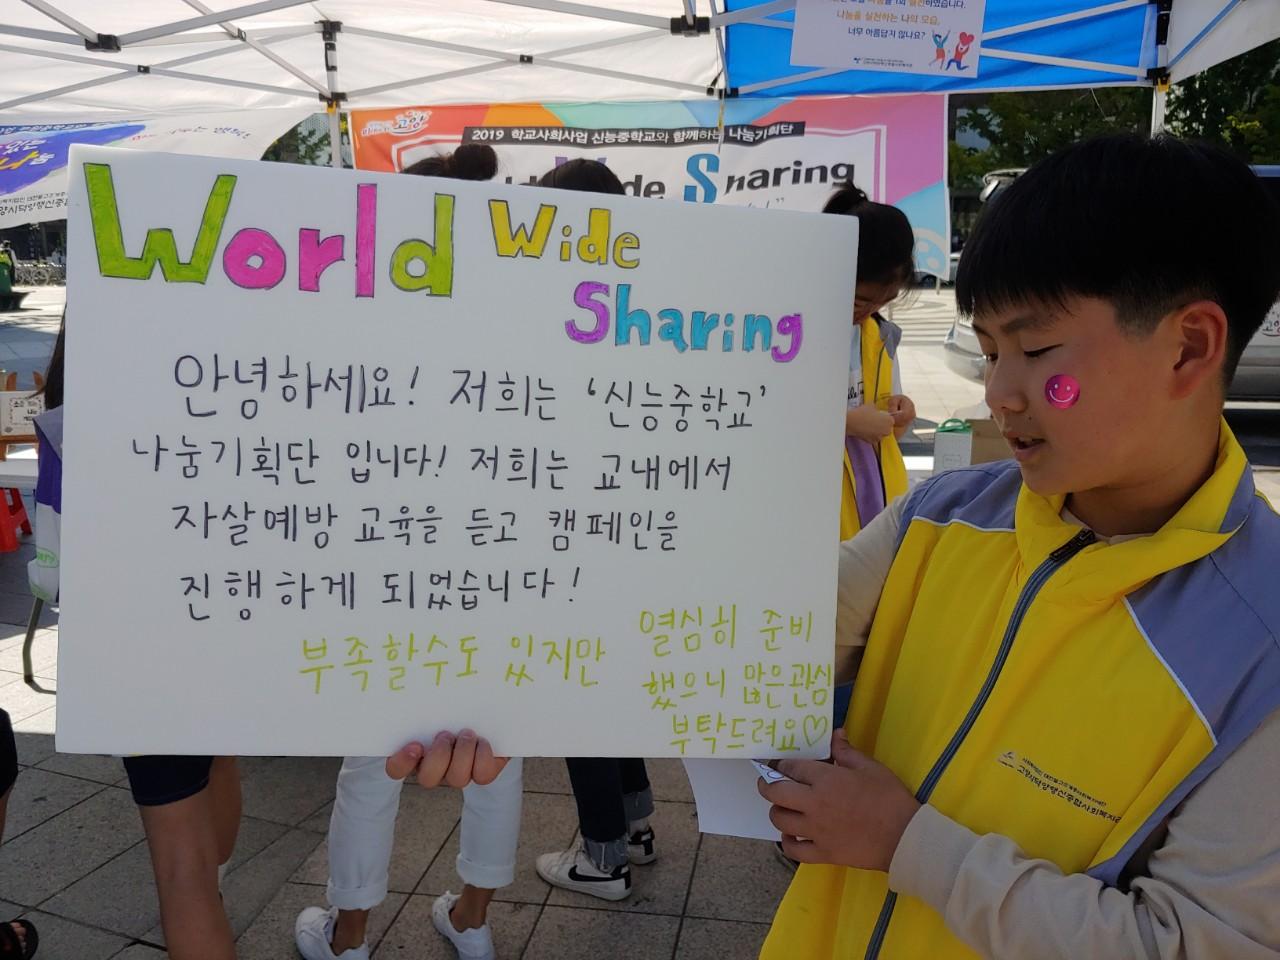 [일반] 나눔기획단 자살예방 캠페인 활동의 첨부이미지 3